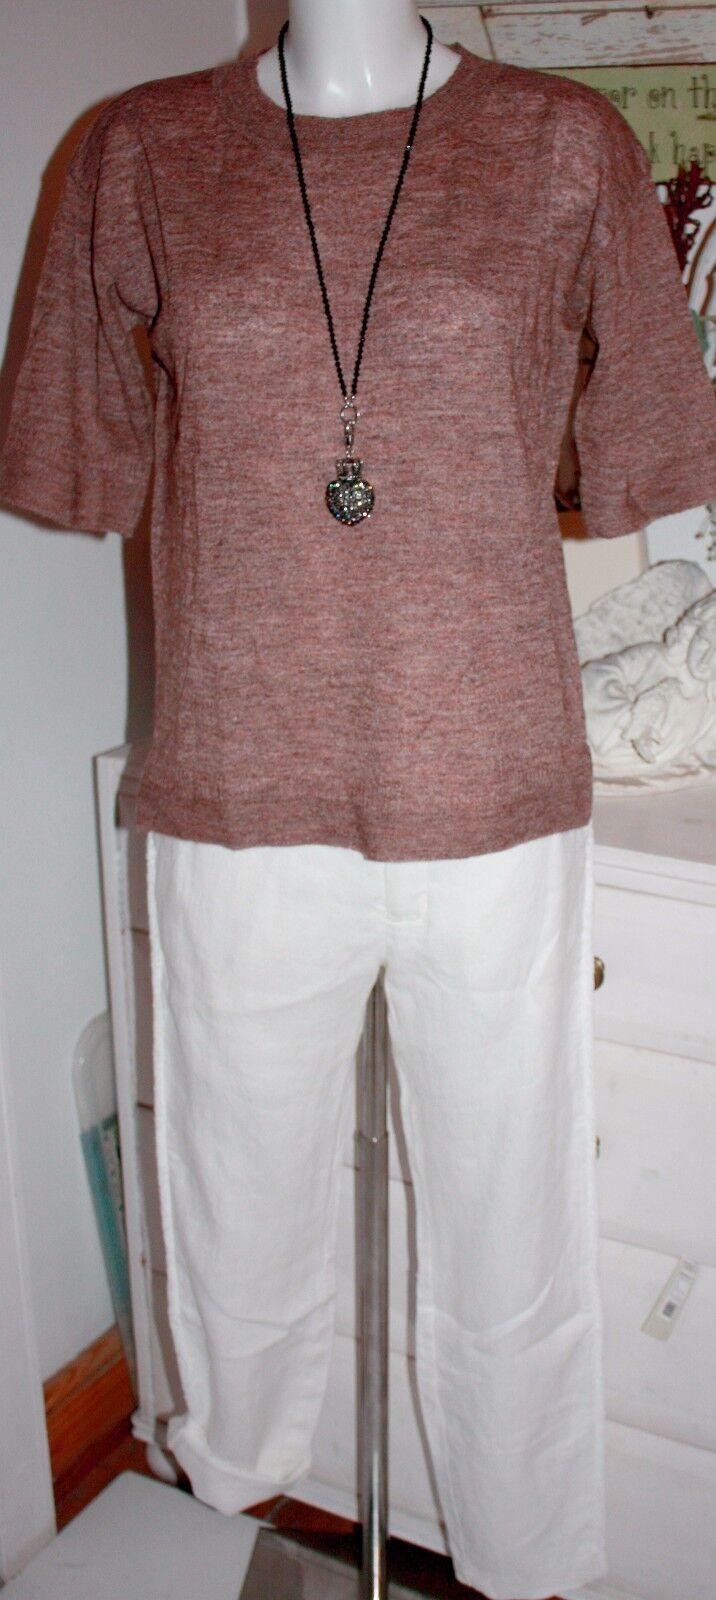 Noa Noa Hose Pants Linen Leinen Structure Weiss White size  34 Neu